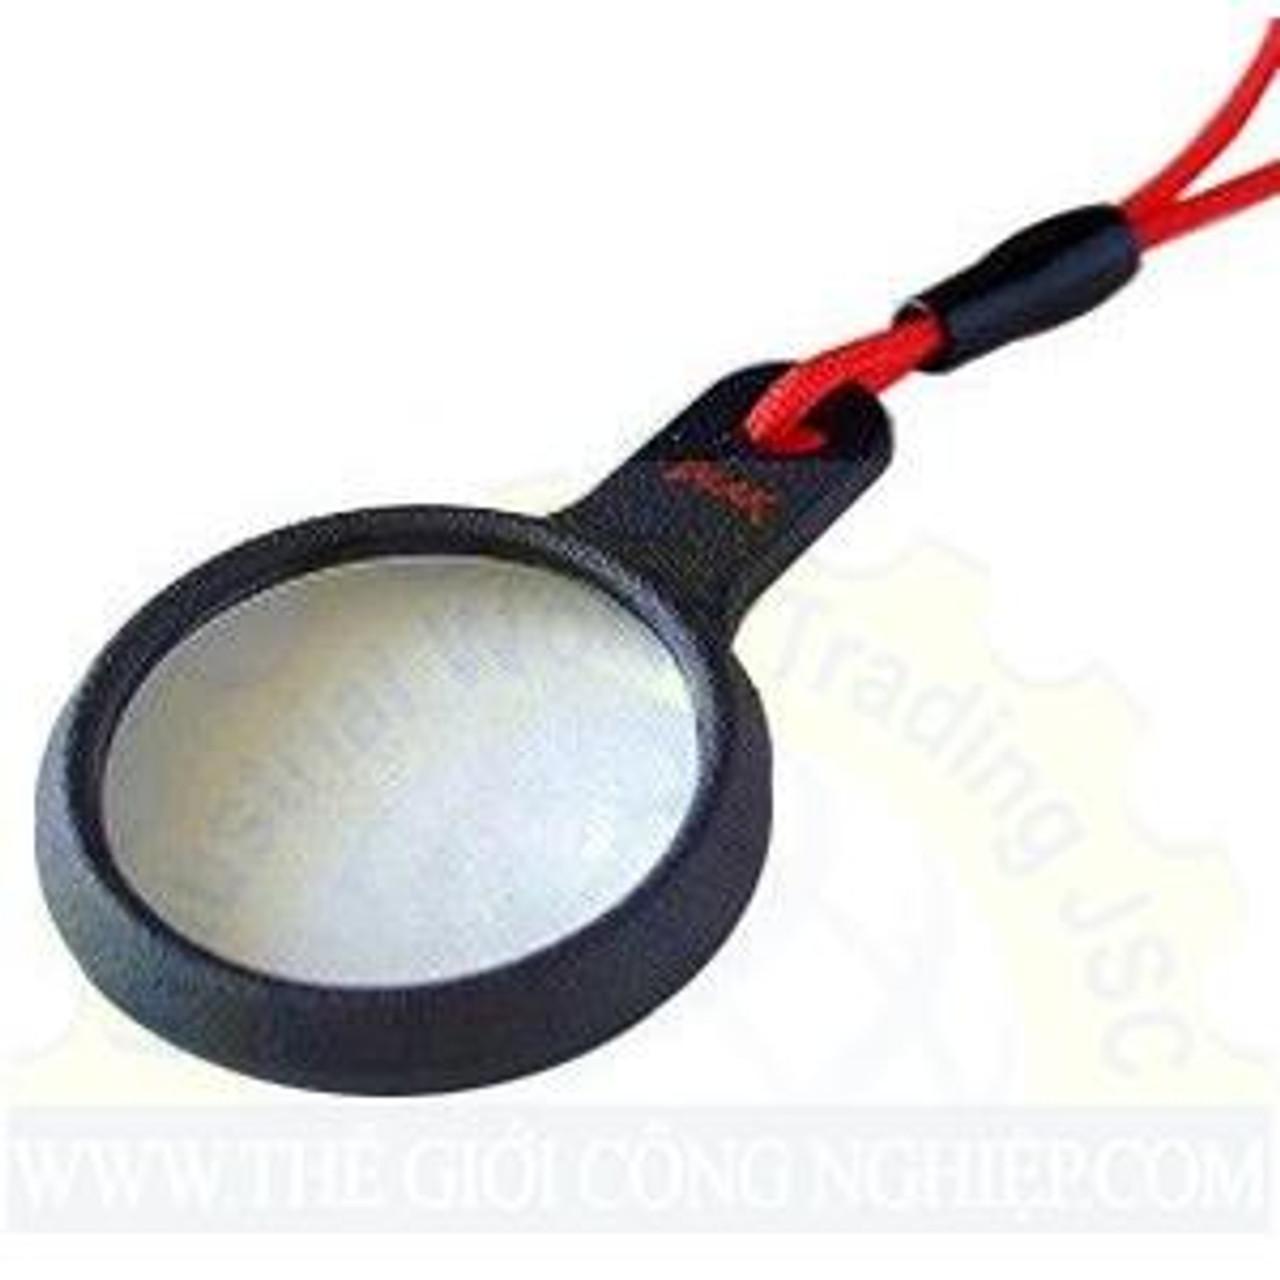 3X Magnifier, Peak 2047, Pendant magnifier